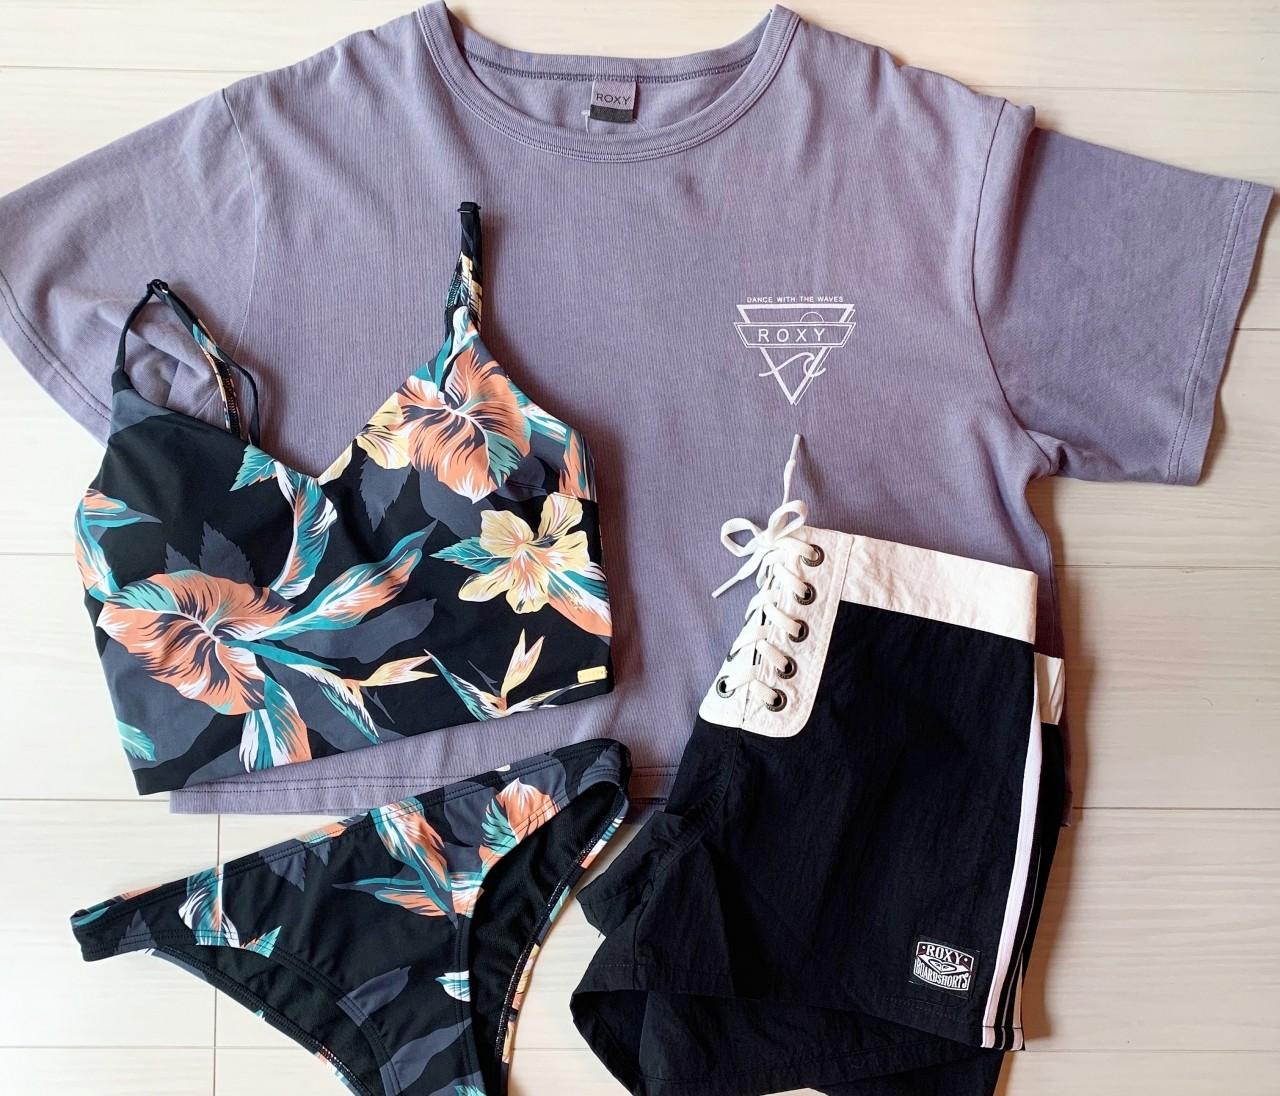 《セール戦利品》ROXYの水着は可愛いだけじゃない!ママさんにもお勧めしたい理由。